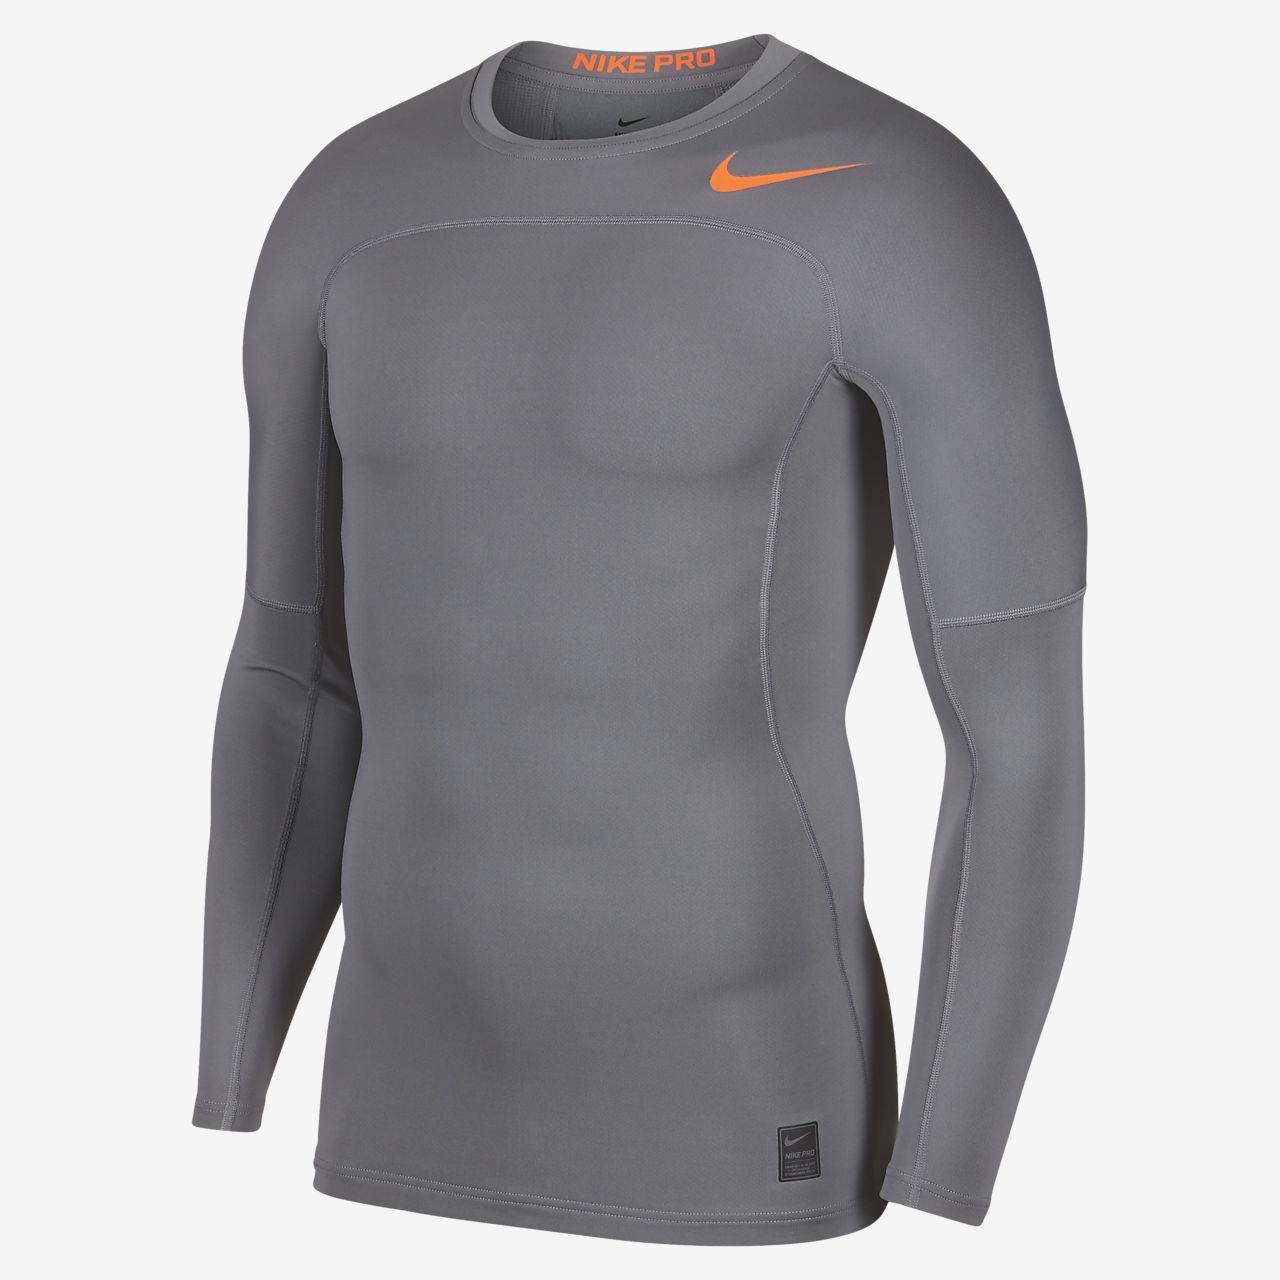 เสื้อเทรนนิ่งแขนยาวผู้ชาย Nike Pro HyperWarm